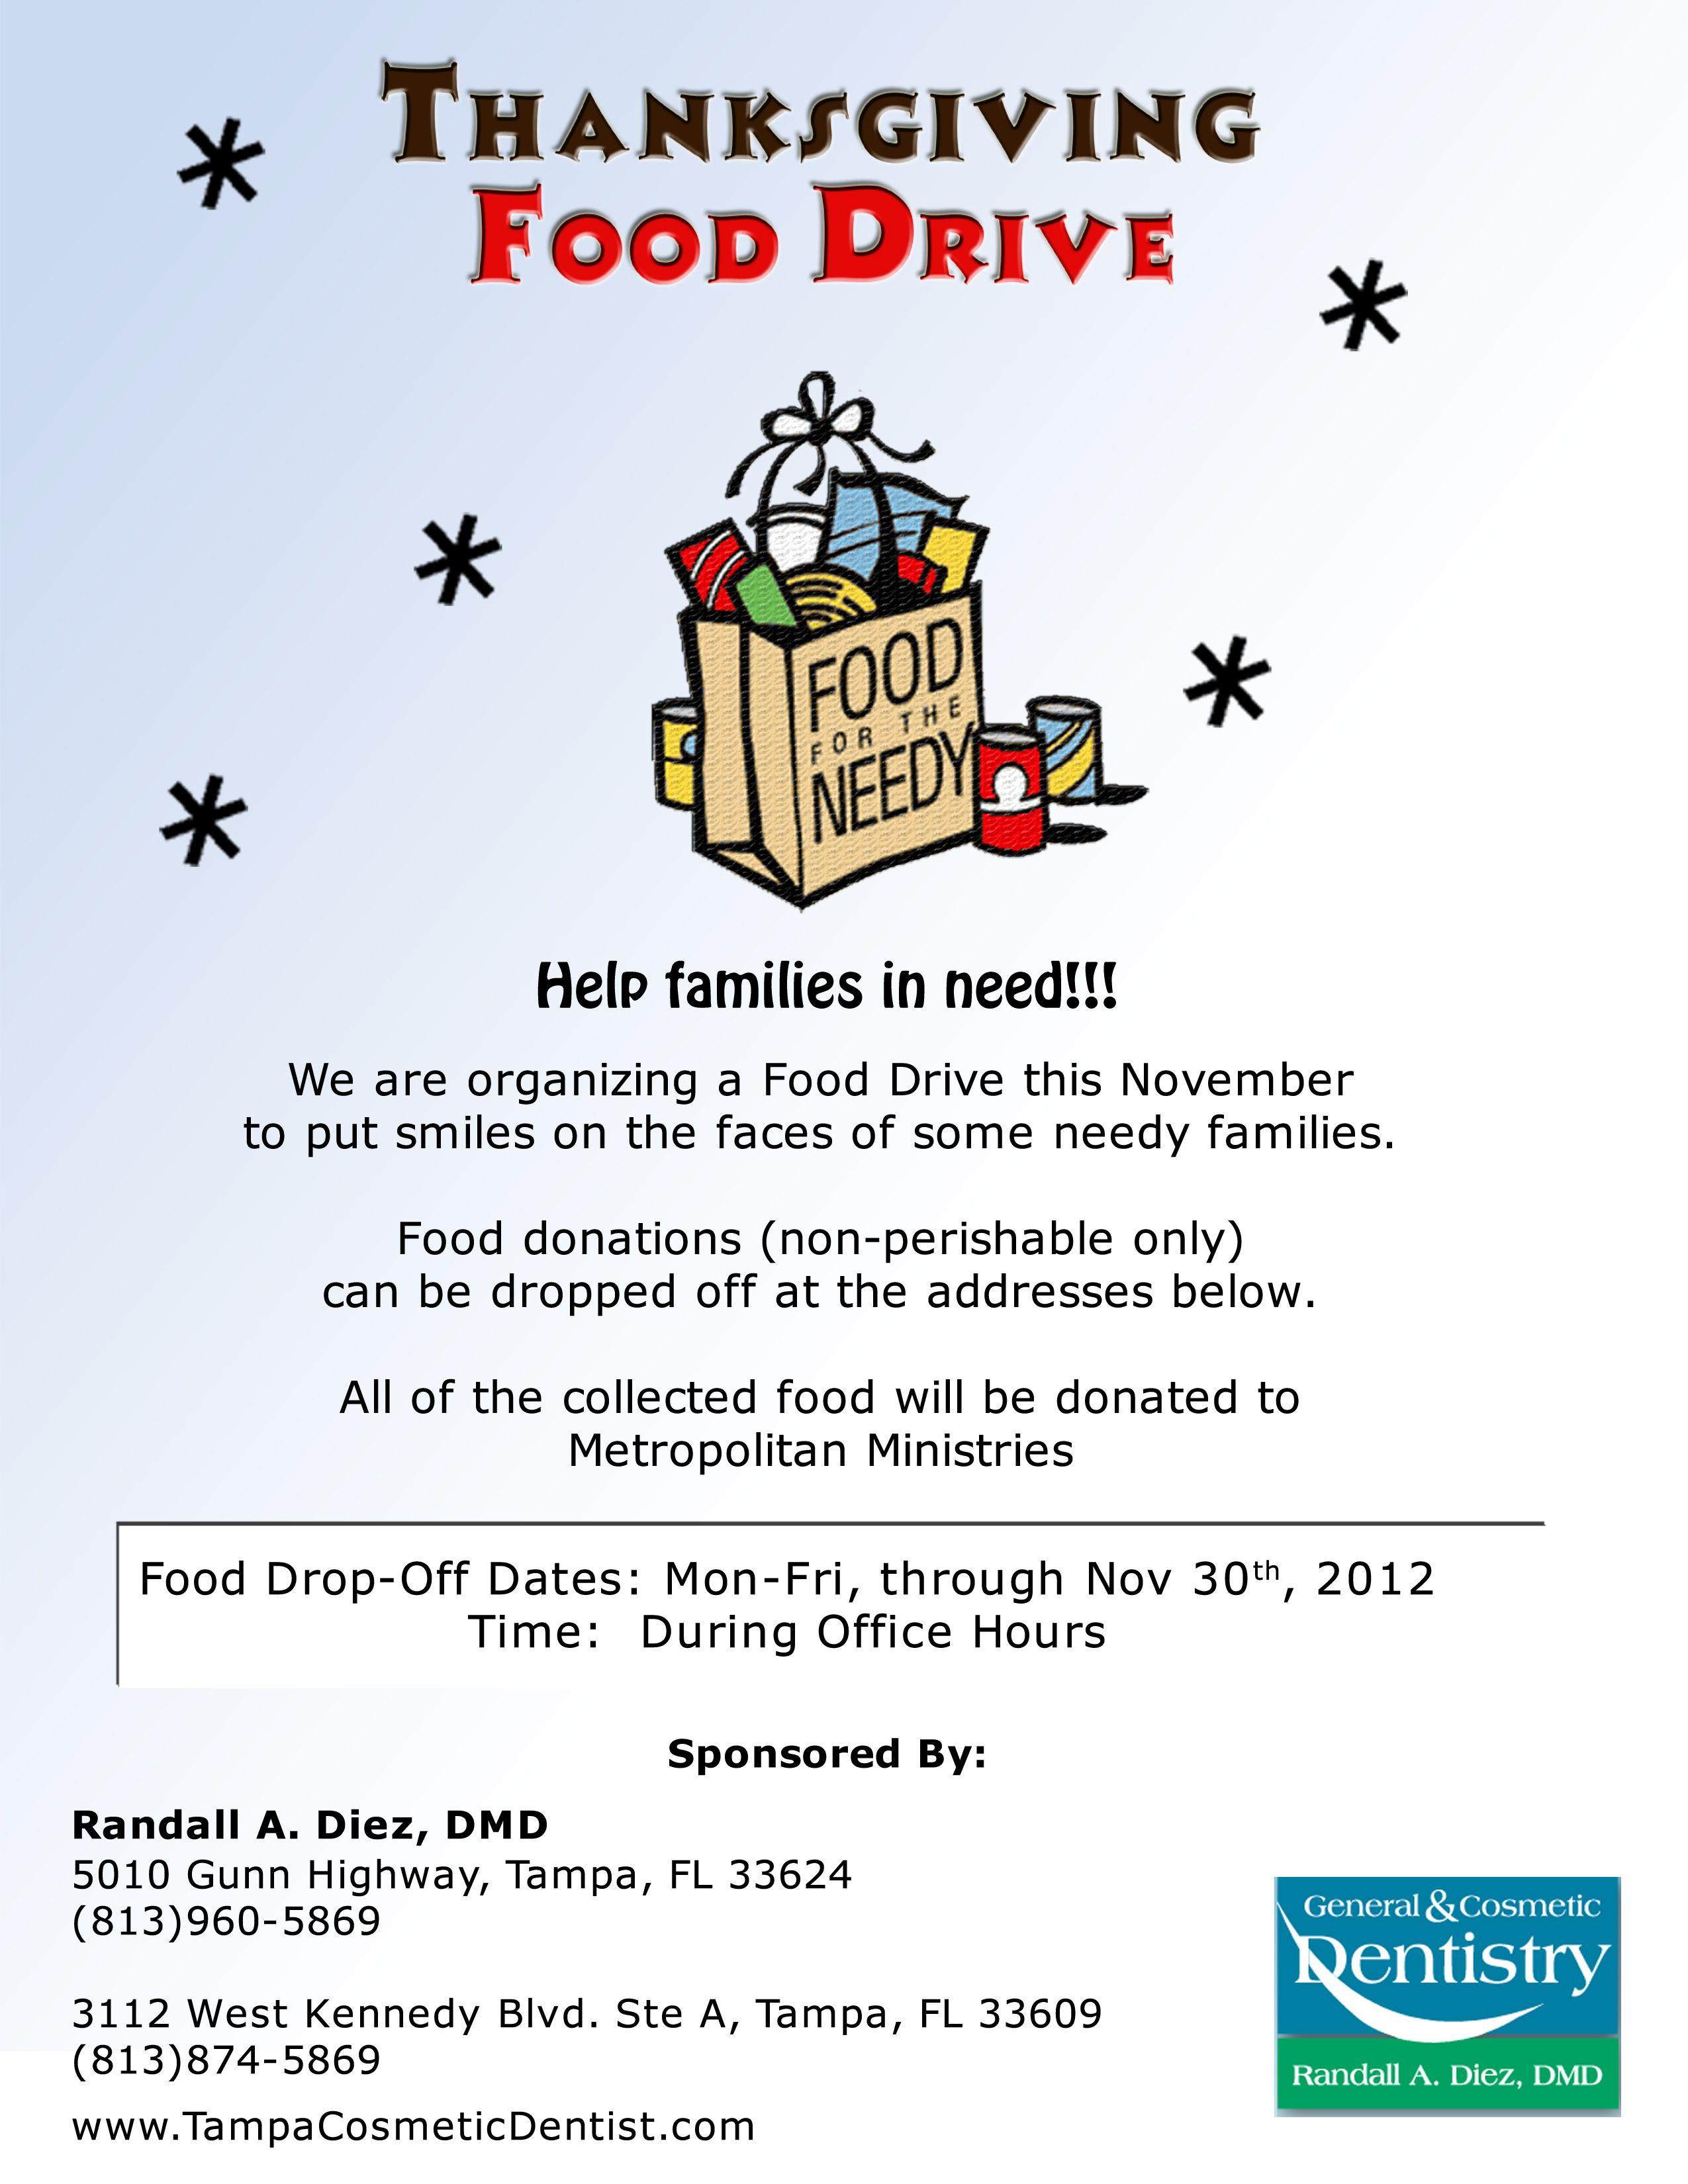 Dentist Tampa Fl Randall A Diez Dmd Food Drive Food Drive Flyer Canned Food Drive